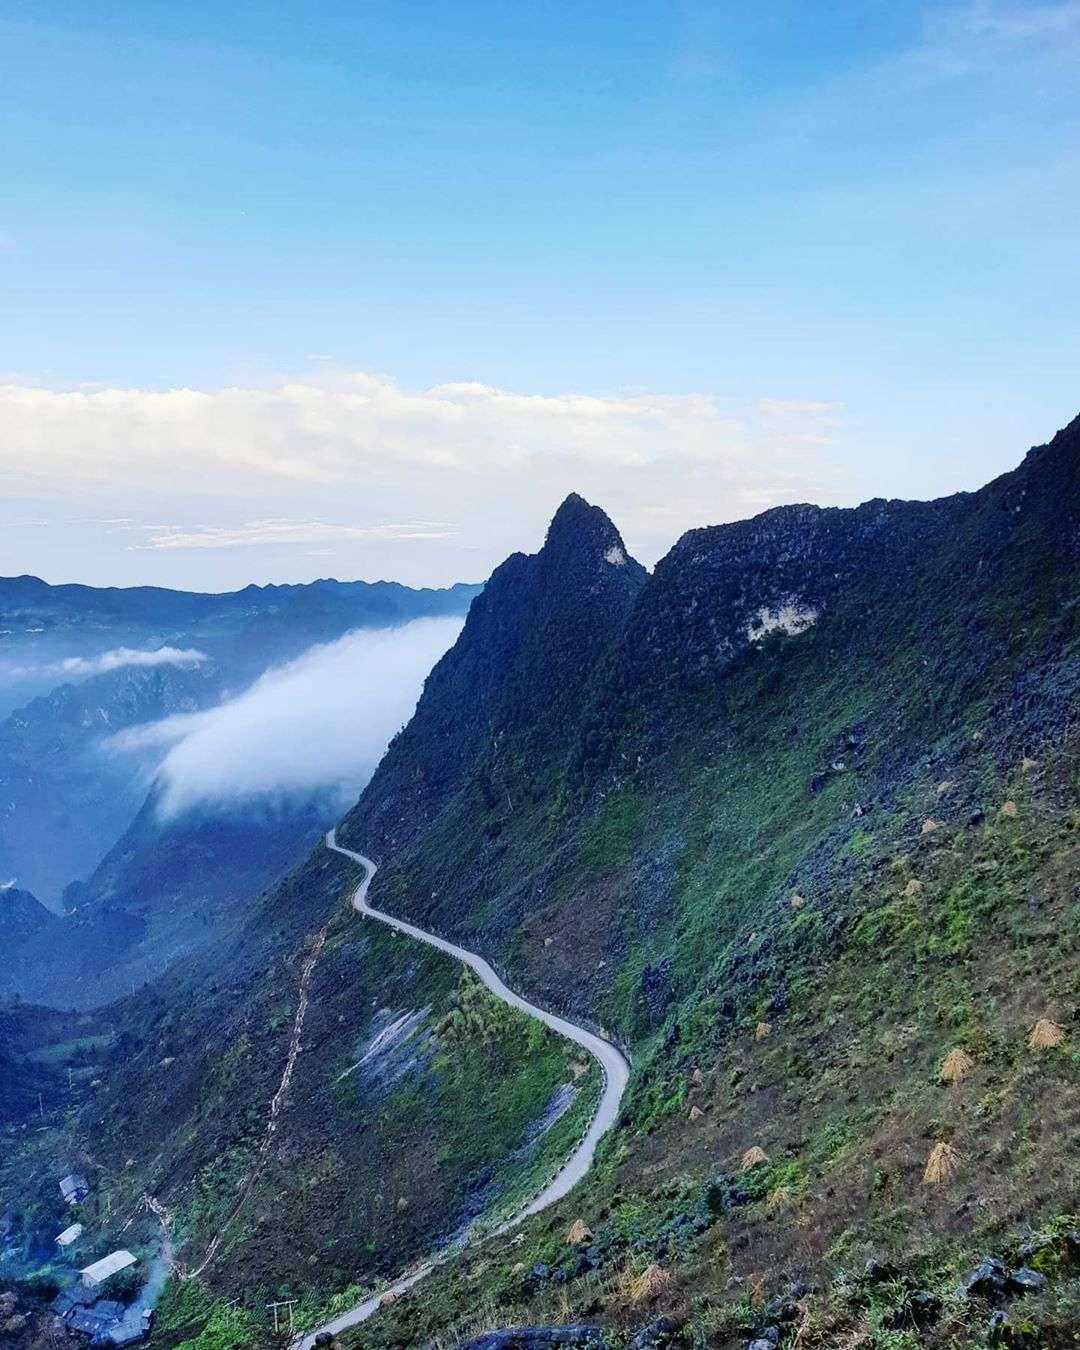 đoạn đường đèo ở Hà Giang